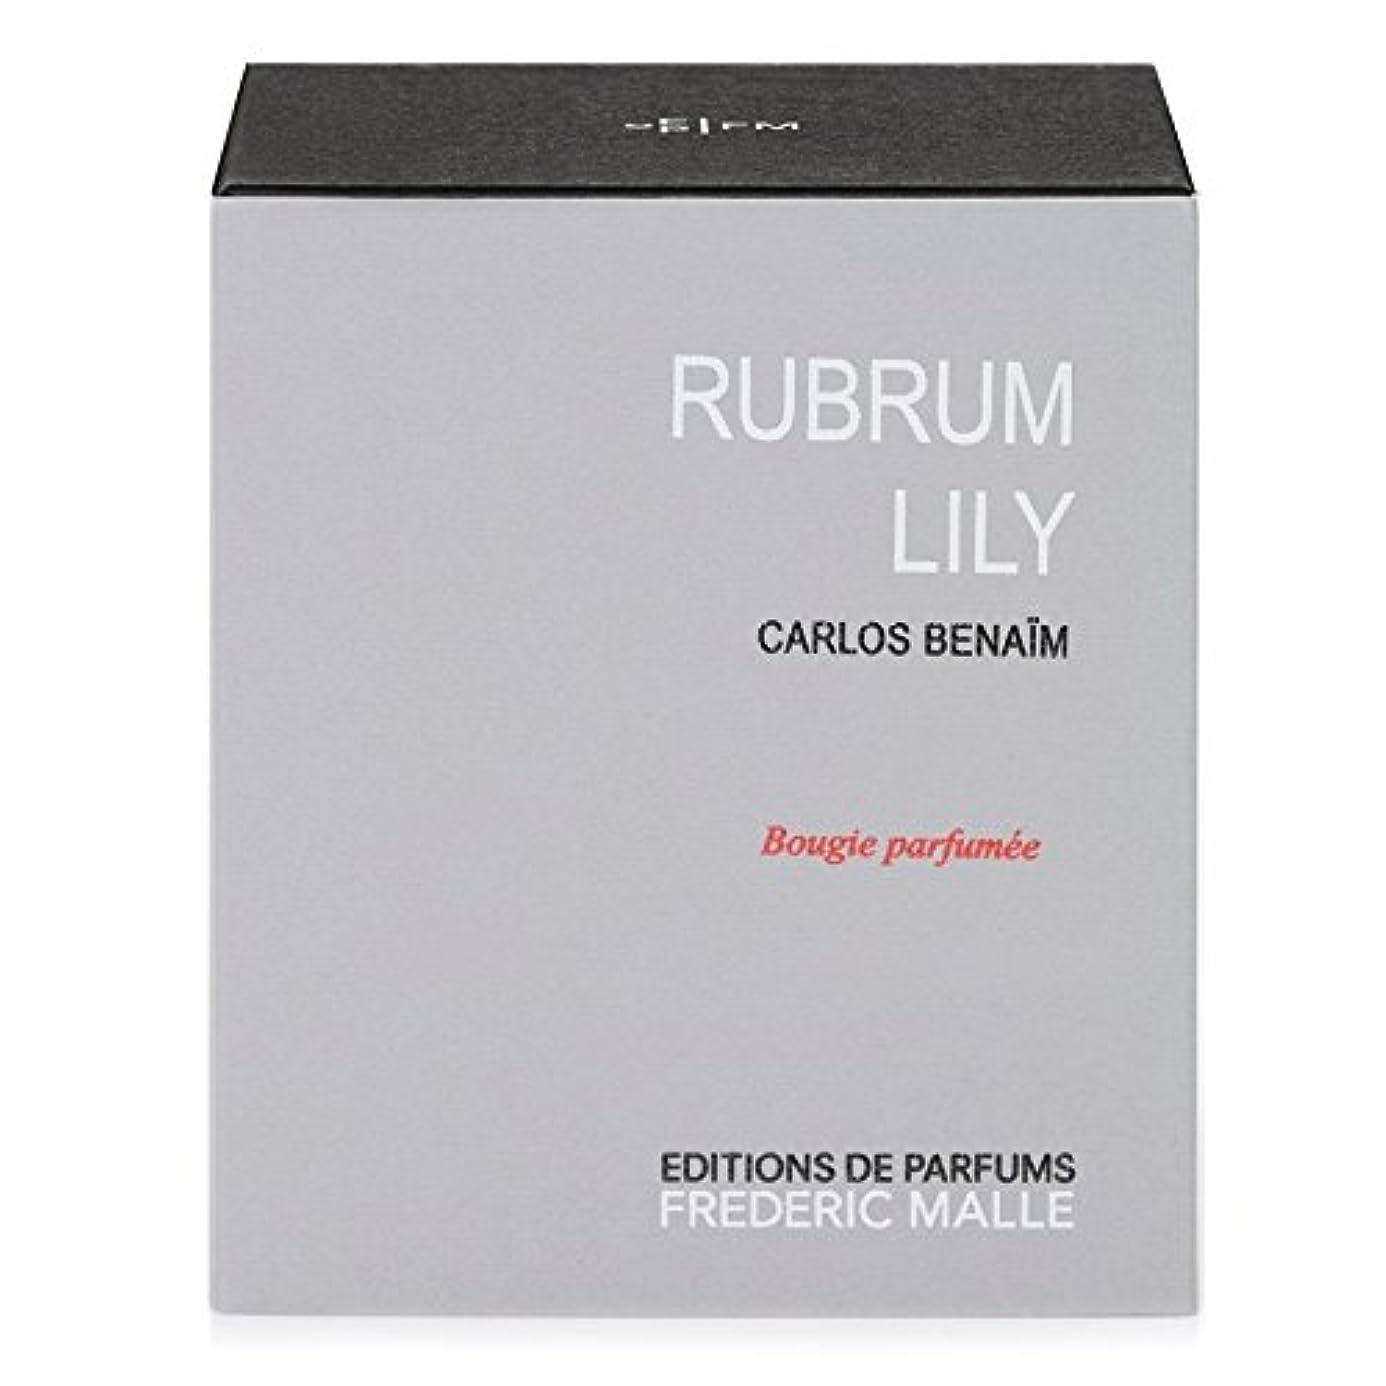 フレデリック?マルルブルムユリの香りのキャンドル x6 - Frederic Malle Rubrum Lily Scented Candle (Pack of 6) [並行輸入品]